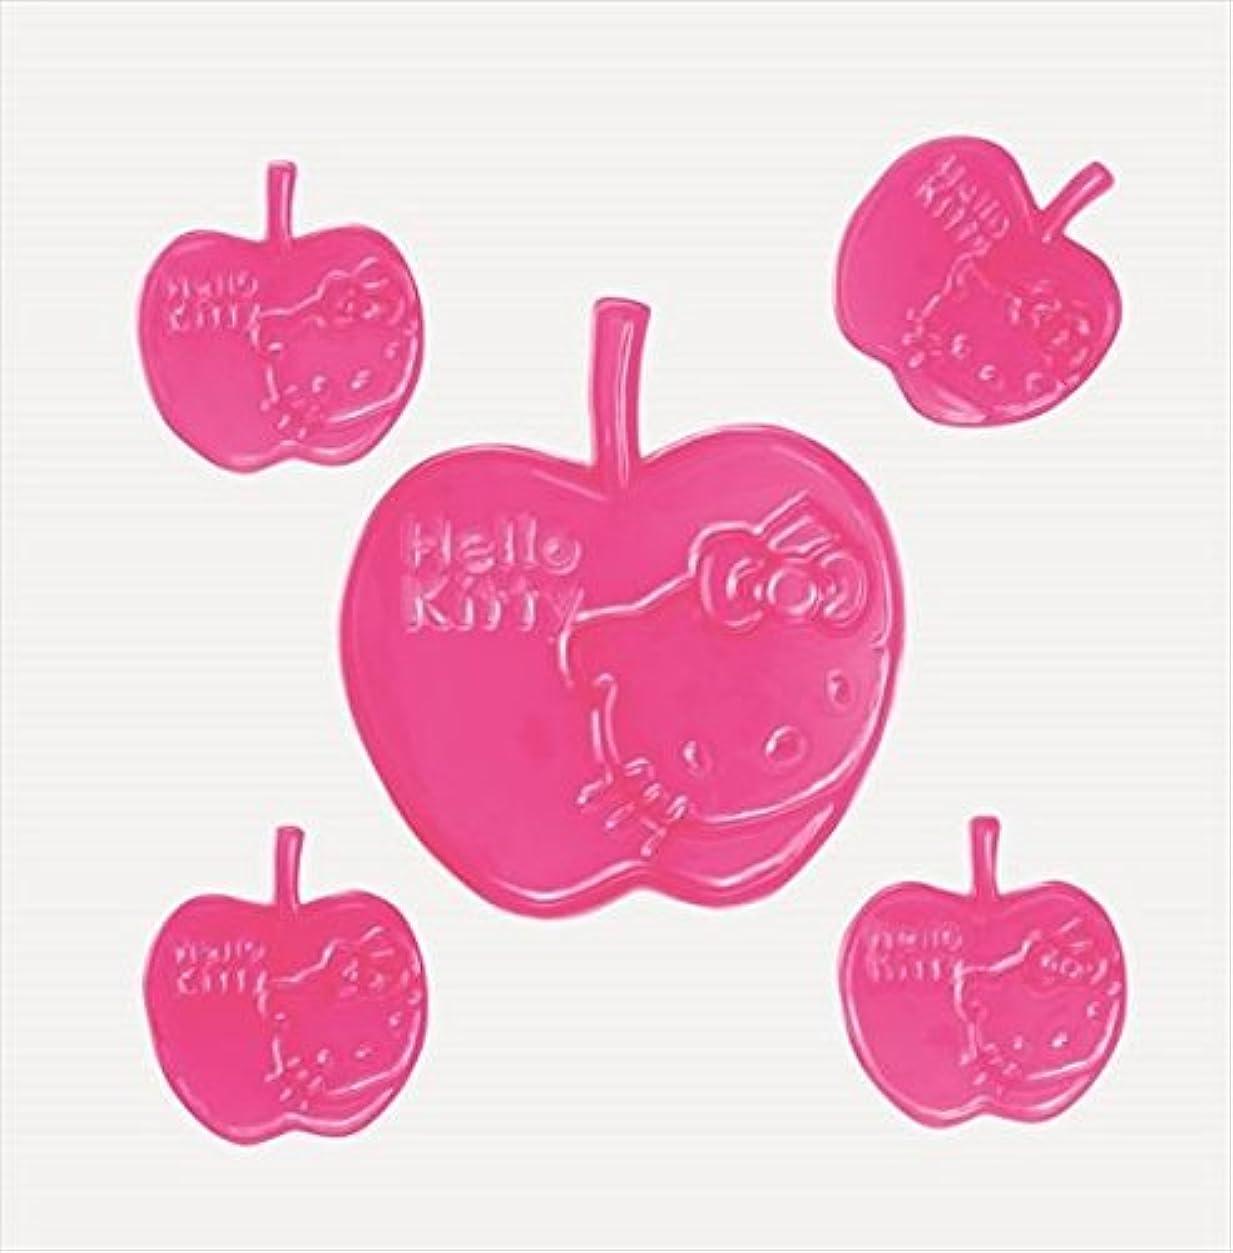 監査グローバル感染するGelGems(ジェルジェム) ジェルジェムハローキティバッグS 「 ピンクリンゴ 」 E1200002 キャンドル 200x255x5mm (E1200002)